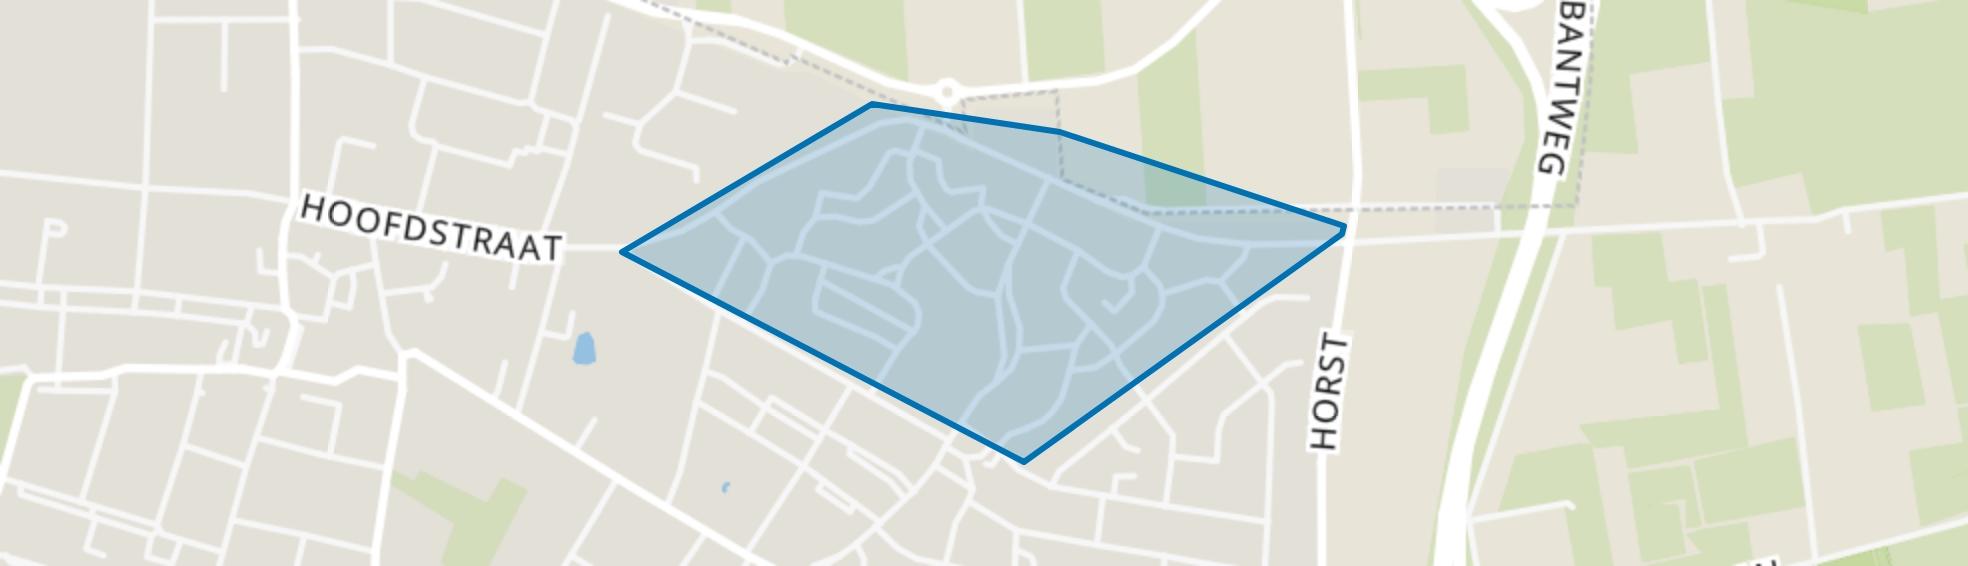 Loonse Vaart, Kaatsheuvel map